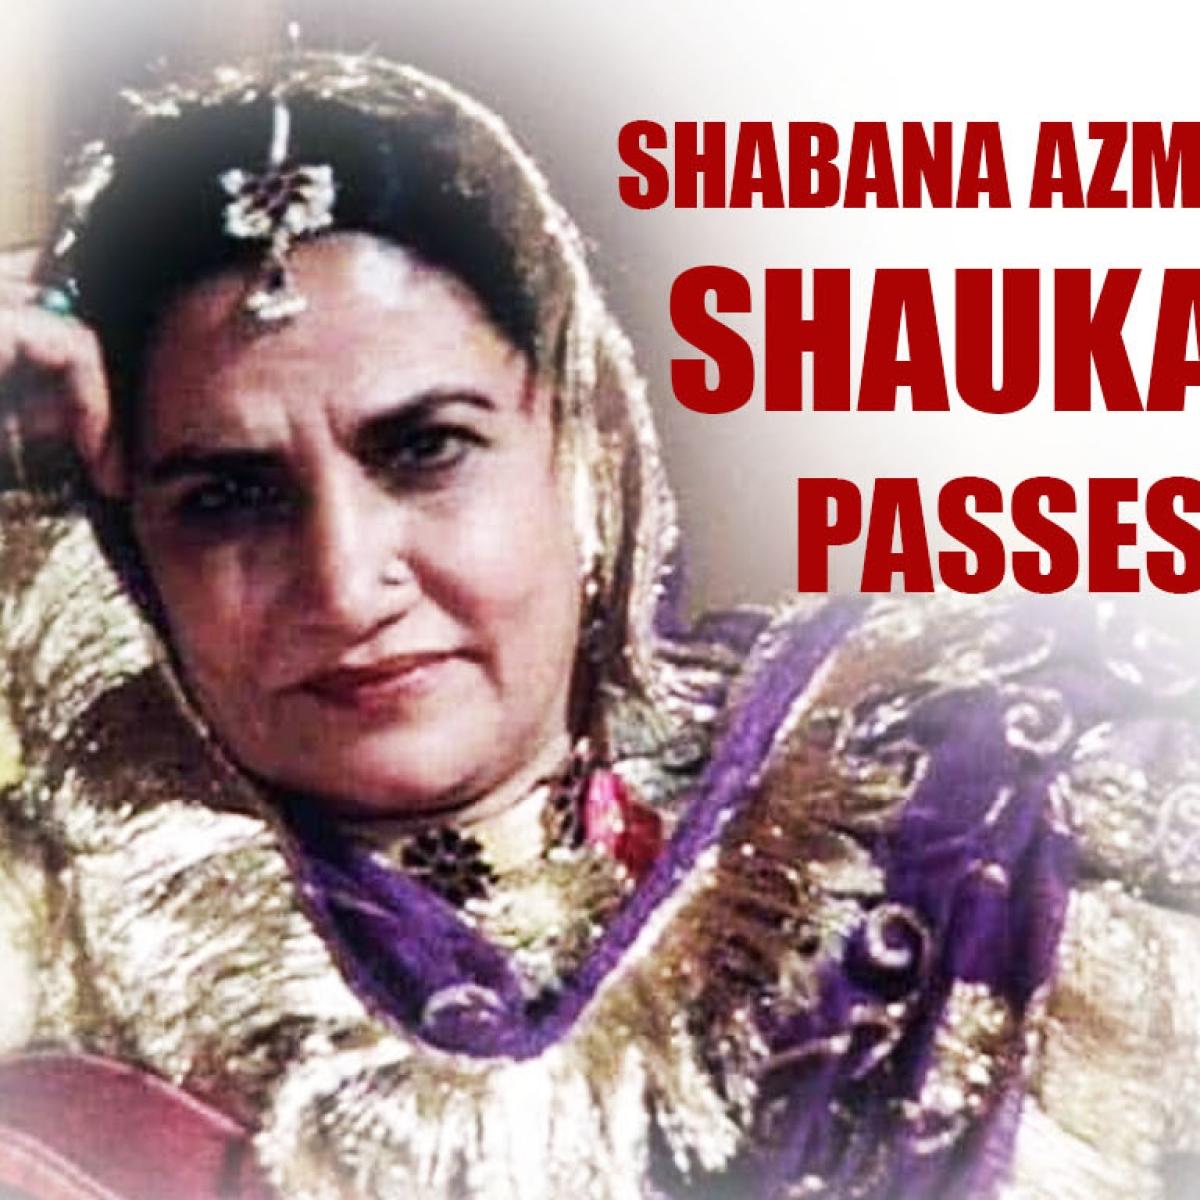 Shabana Azmi's mother Shaukat Kaifi passes away